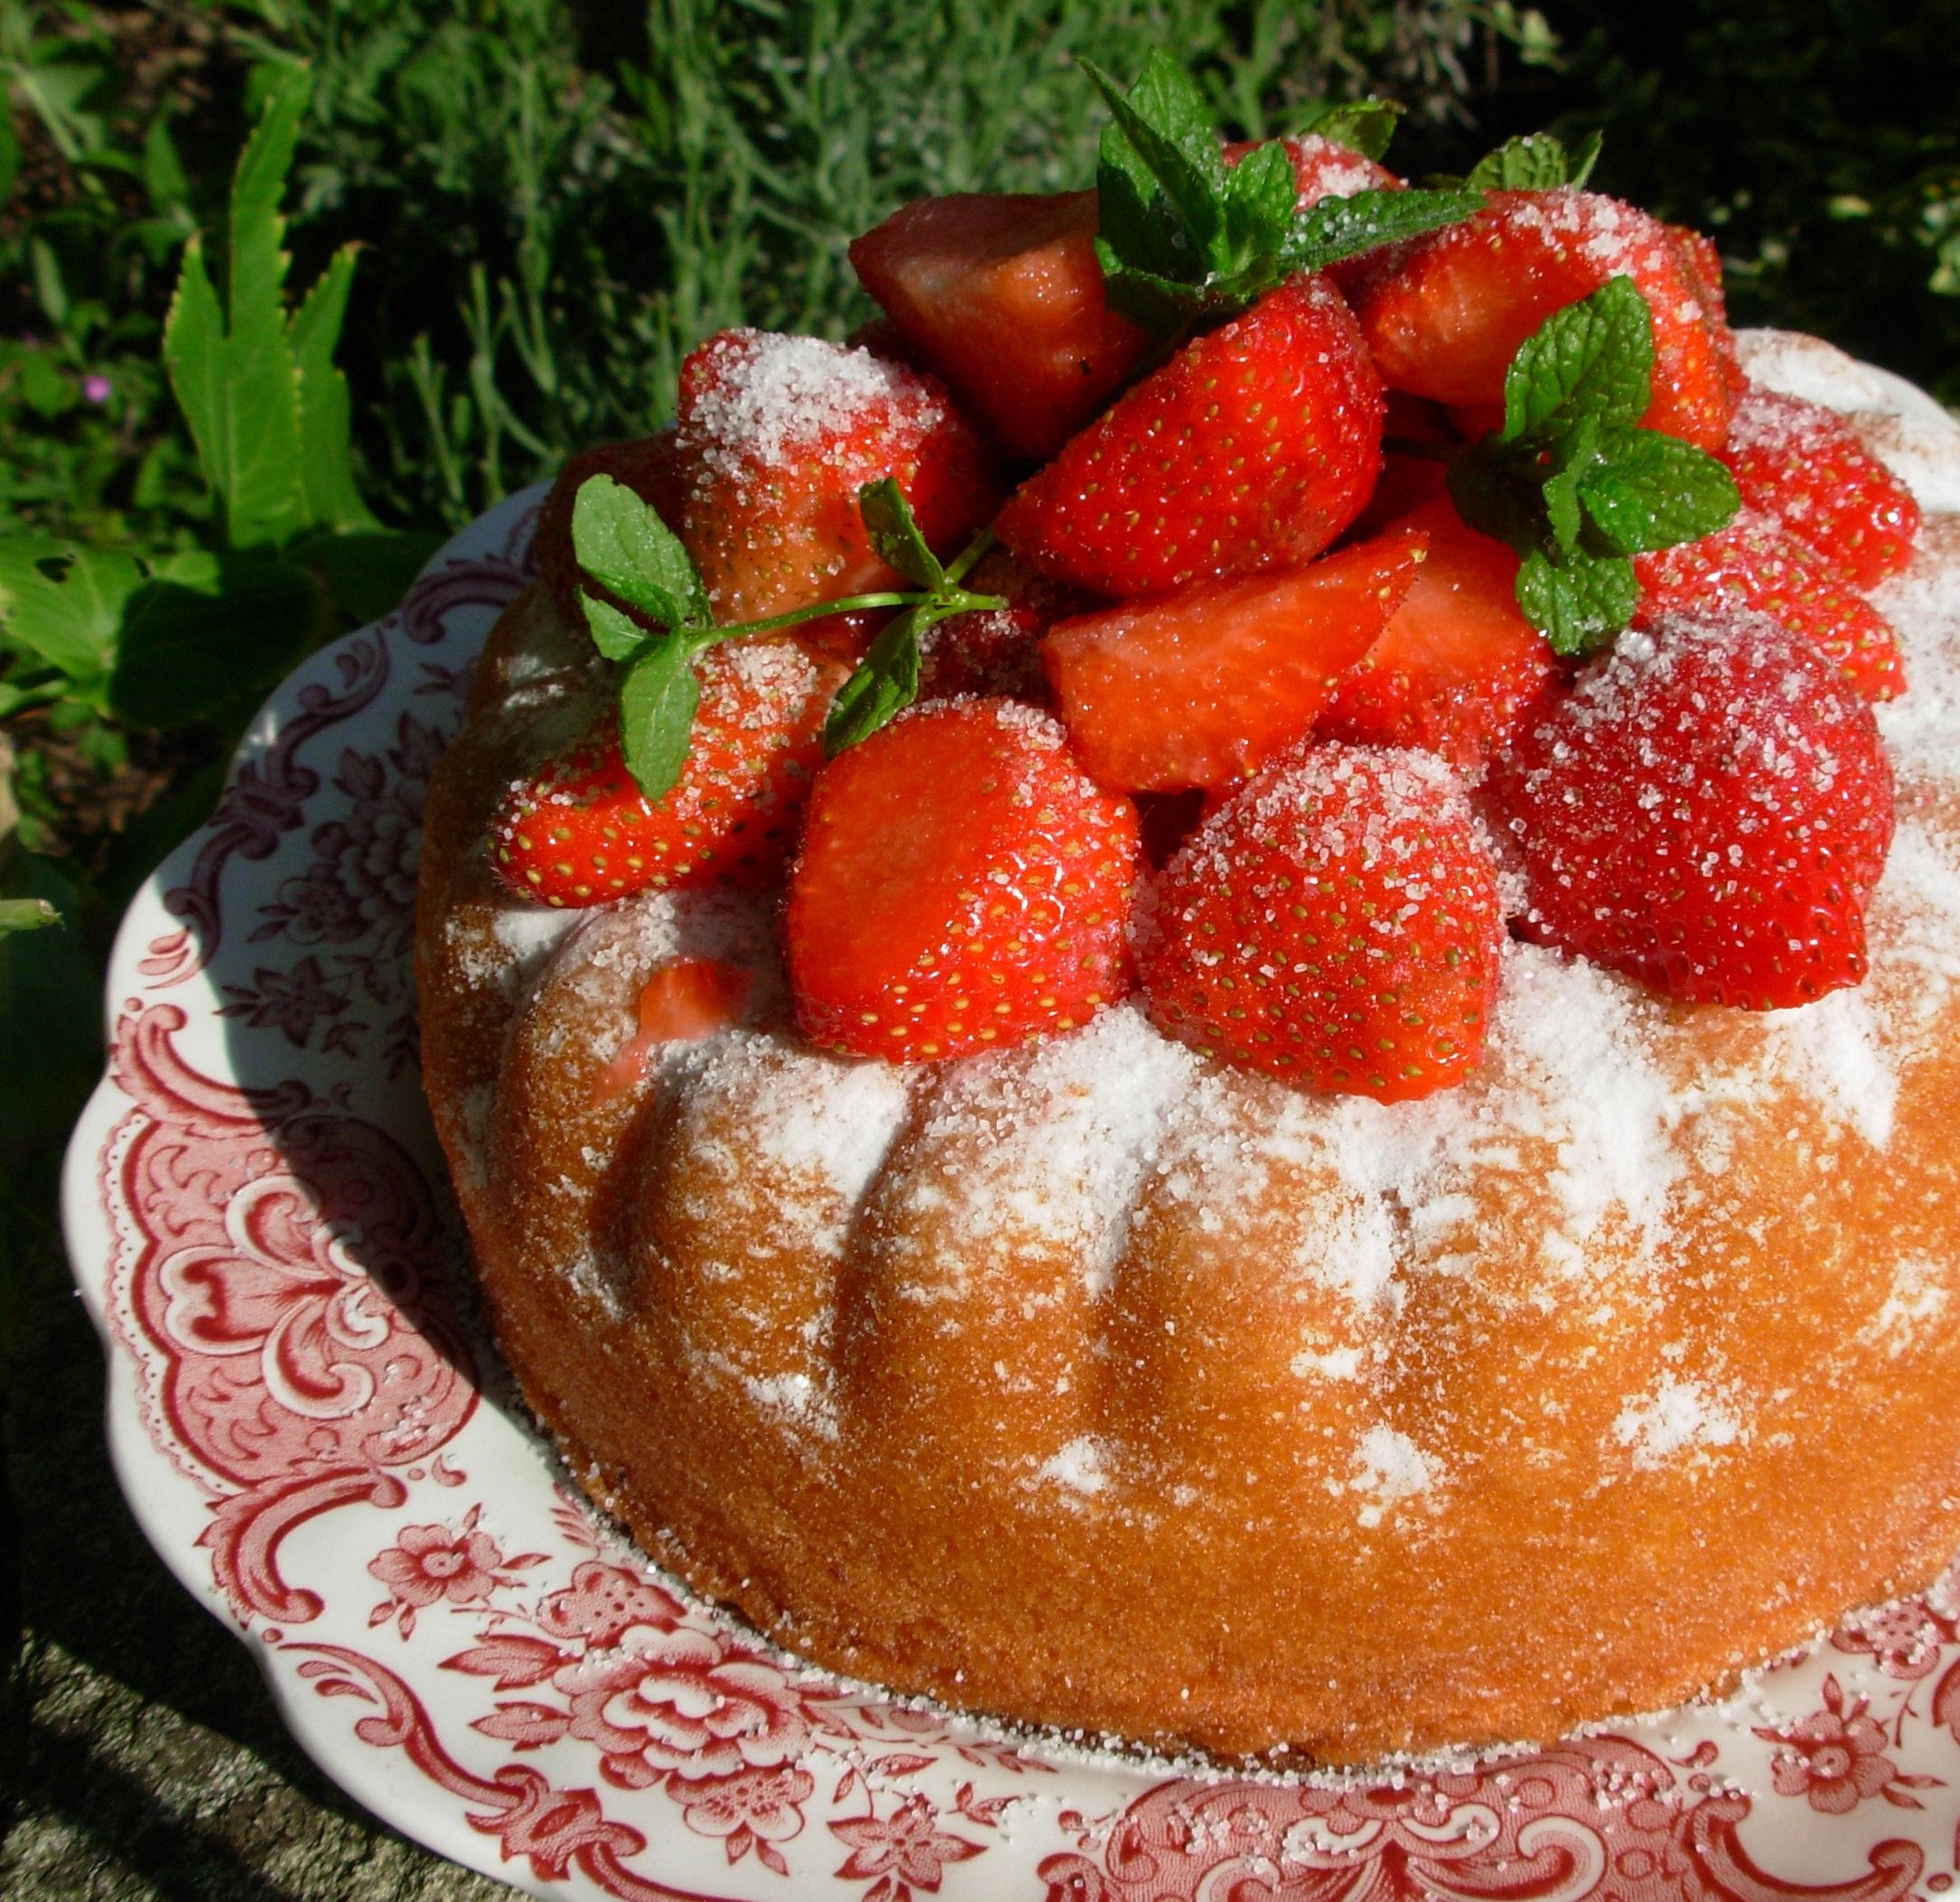 Austrian desserts recipes genius kitchen forumfinder Image collections